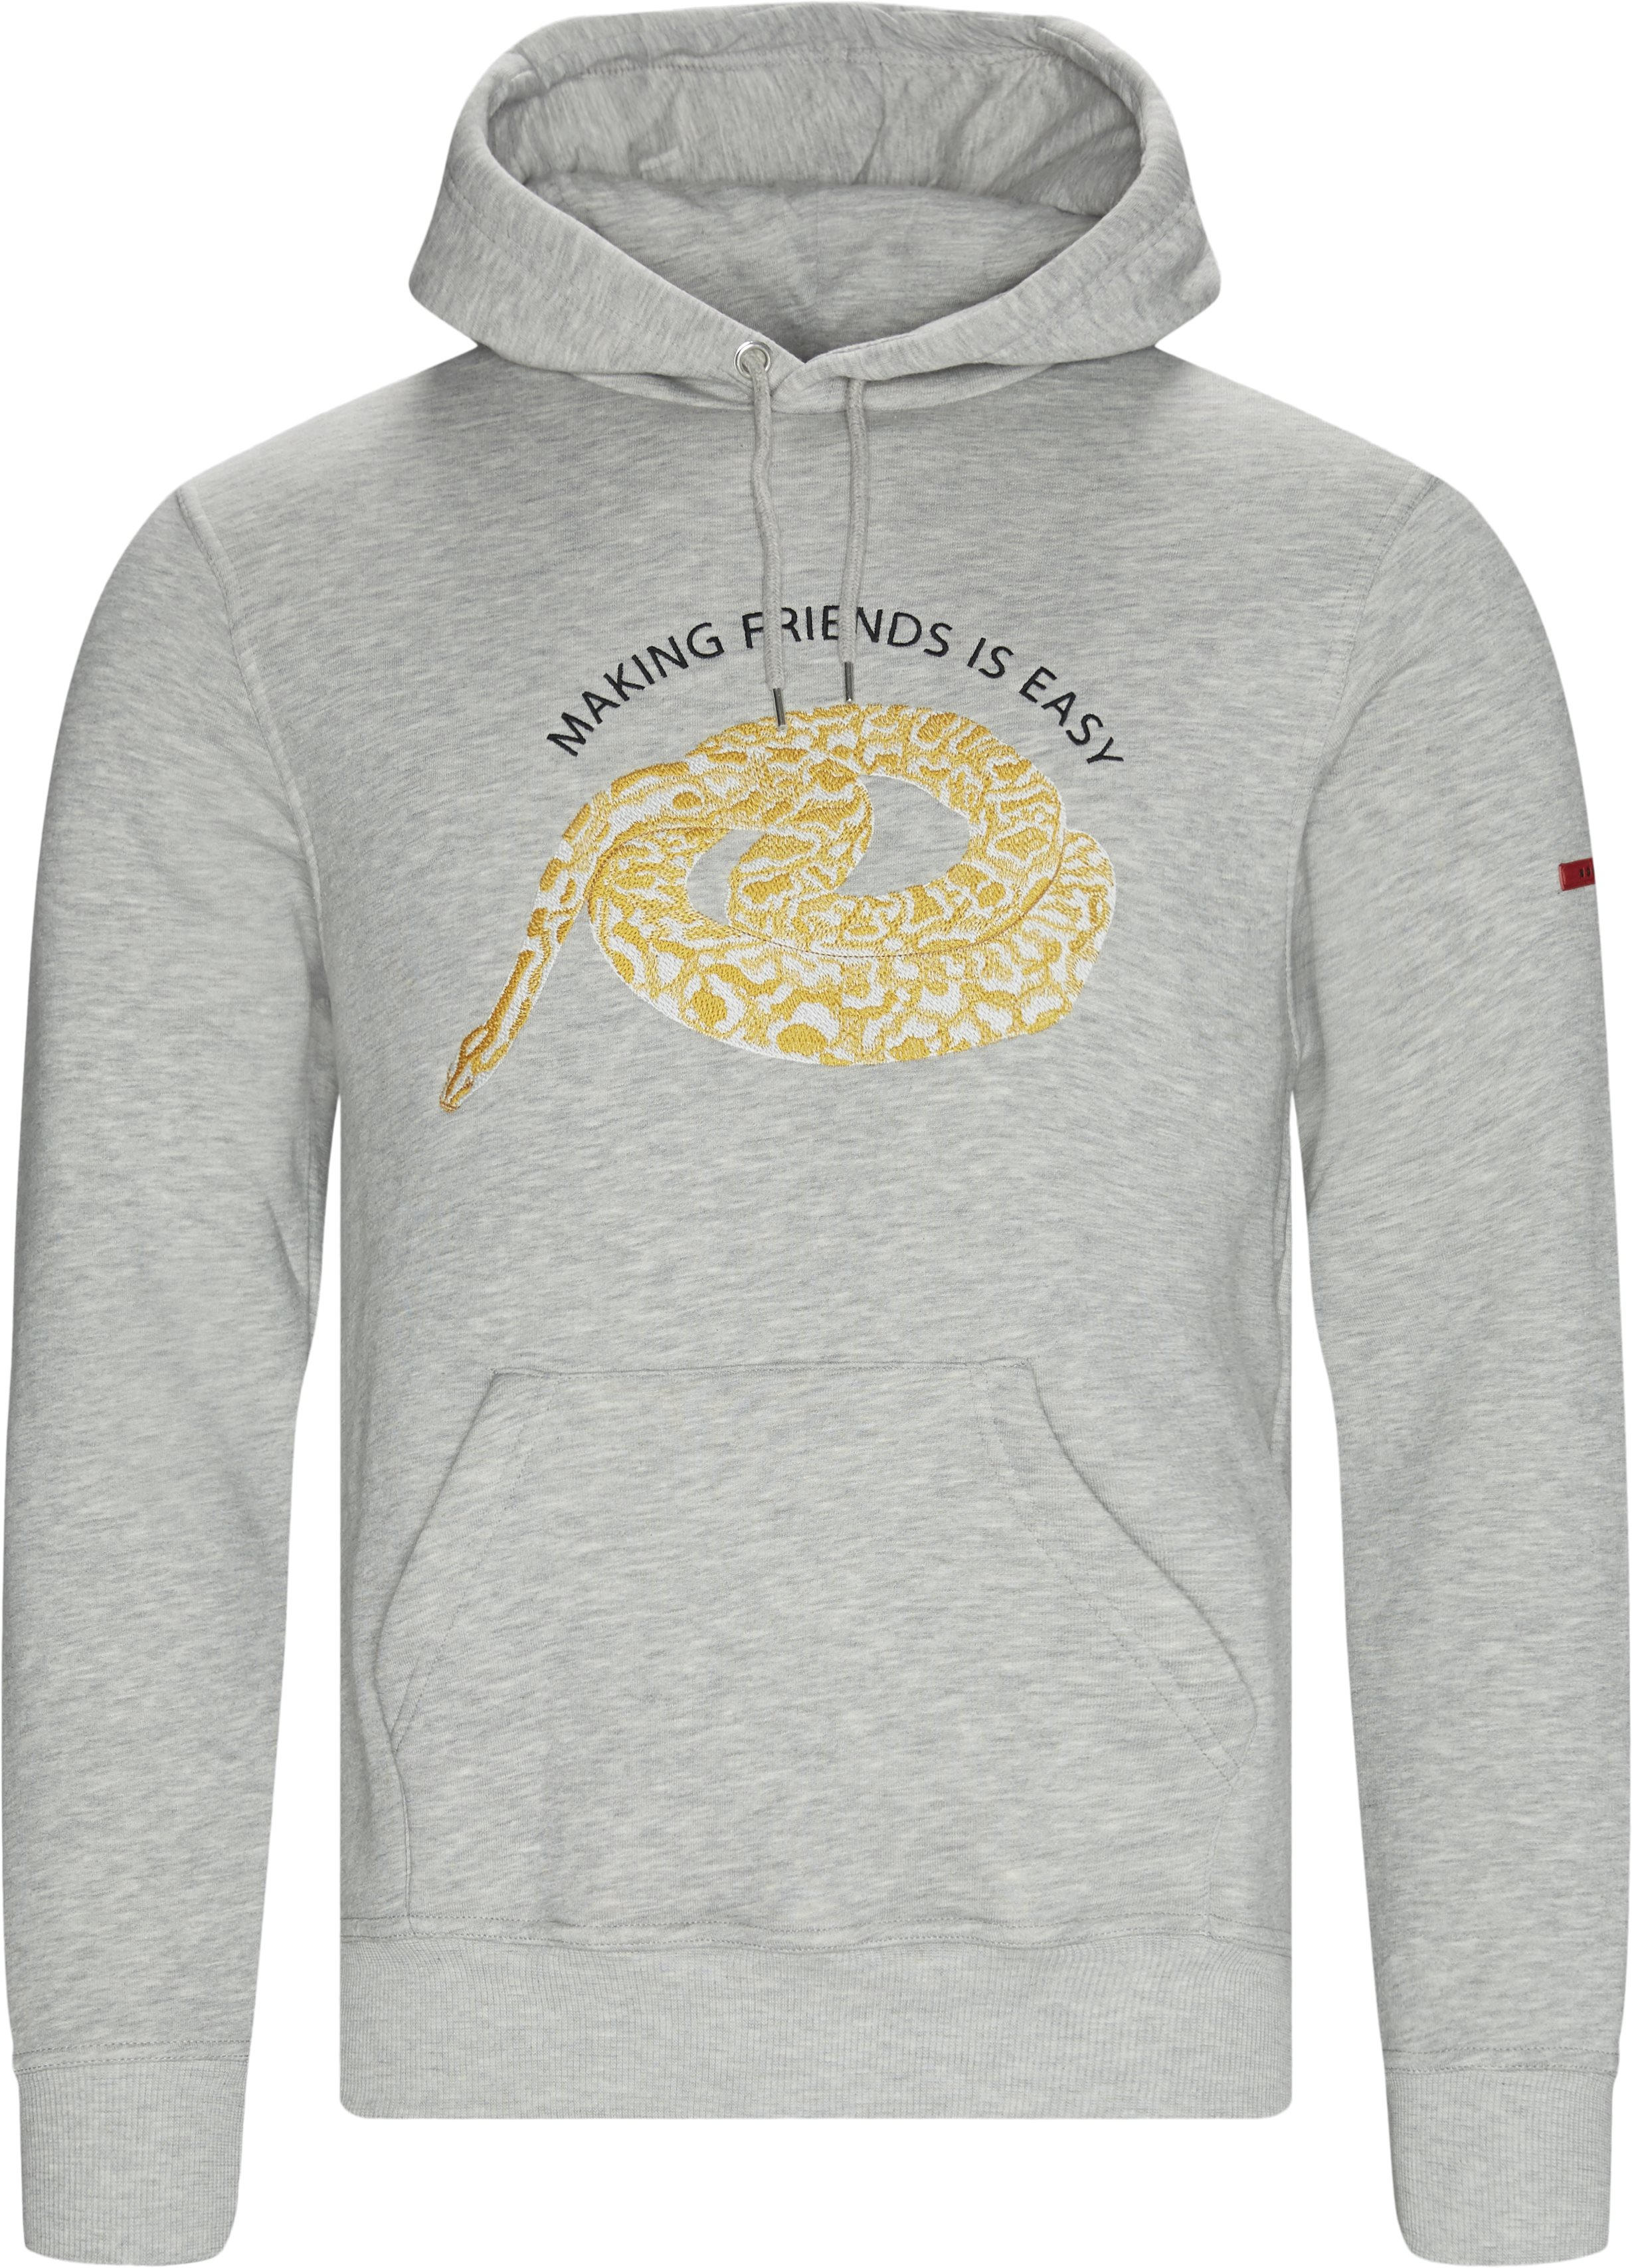 Snake Hoodie - Sweatshirts - Regular fit - Grå